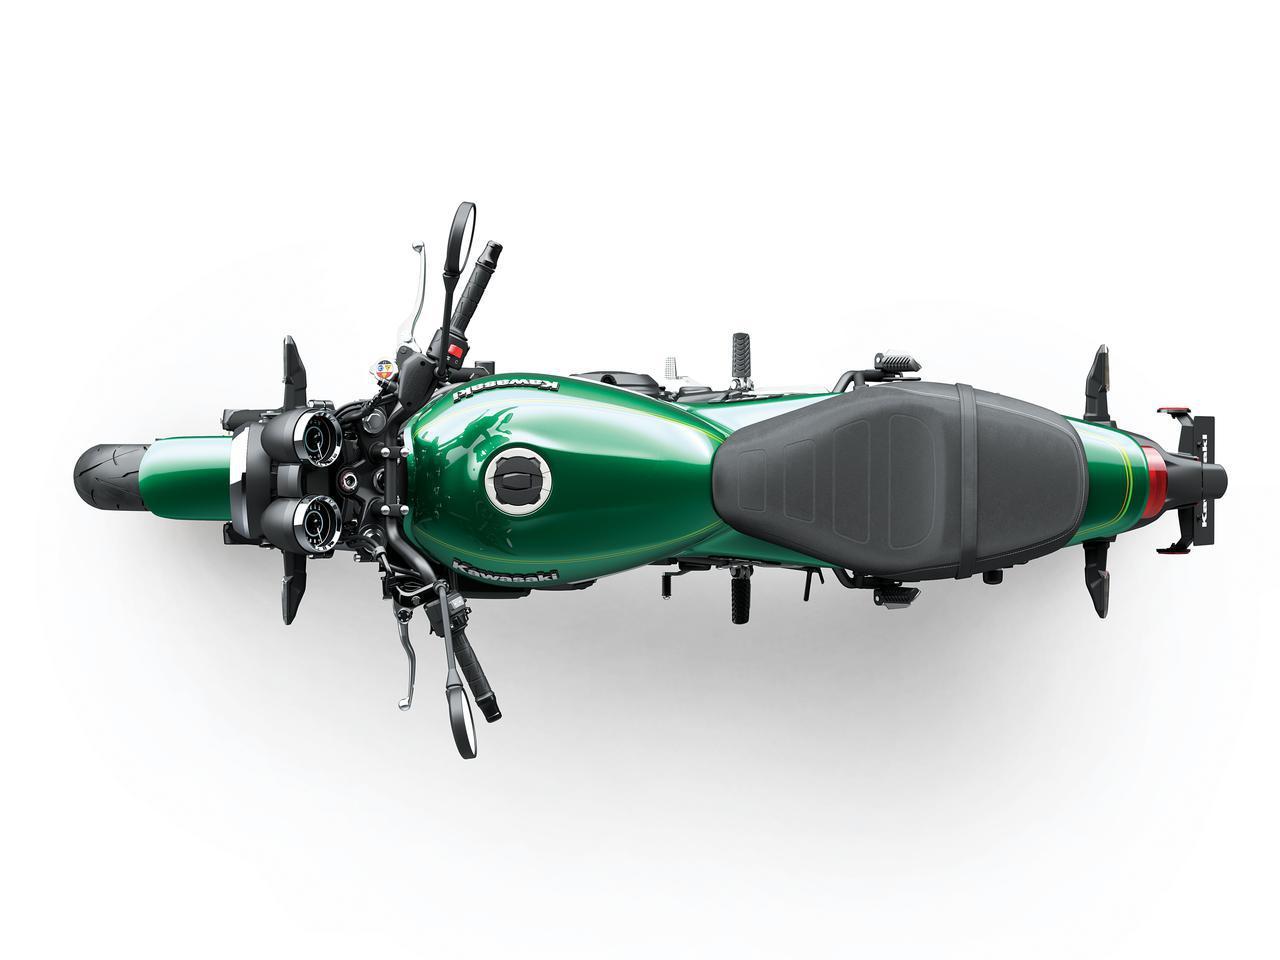 画像8: カワサキ「Z650RS」国内モデルに関する情報|発売時期が明らかに! 日本での販売価格も予想【2022速報】